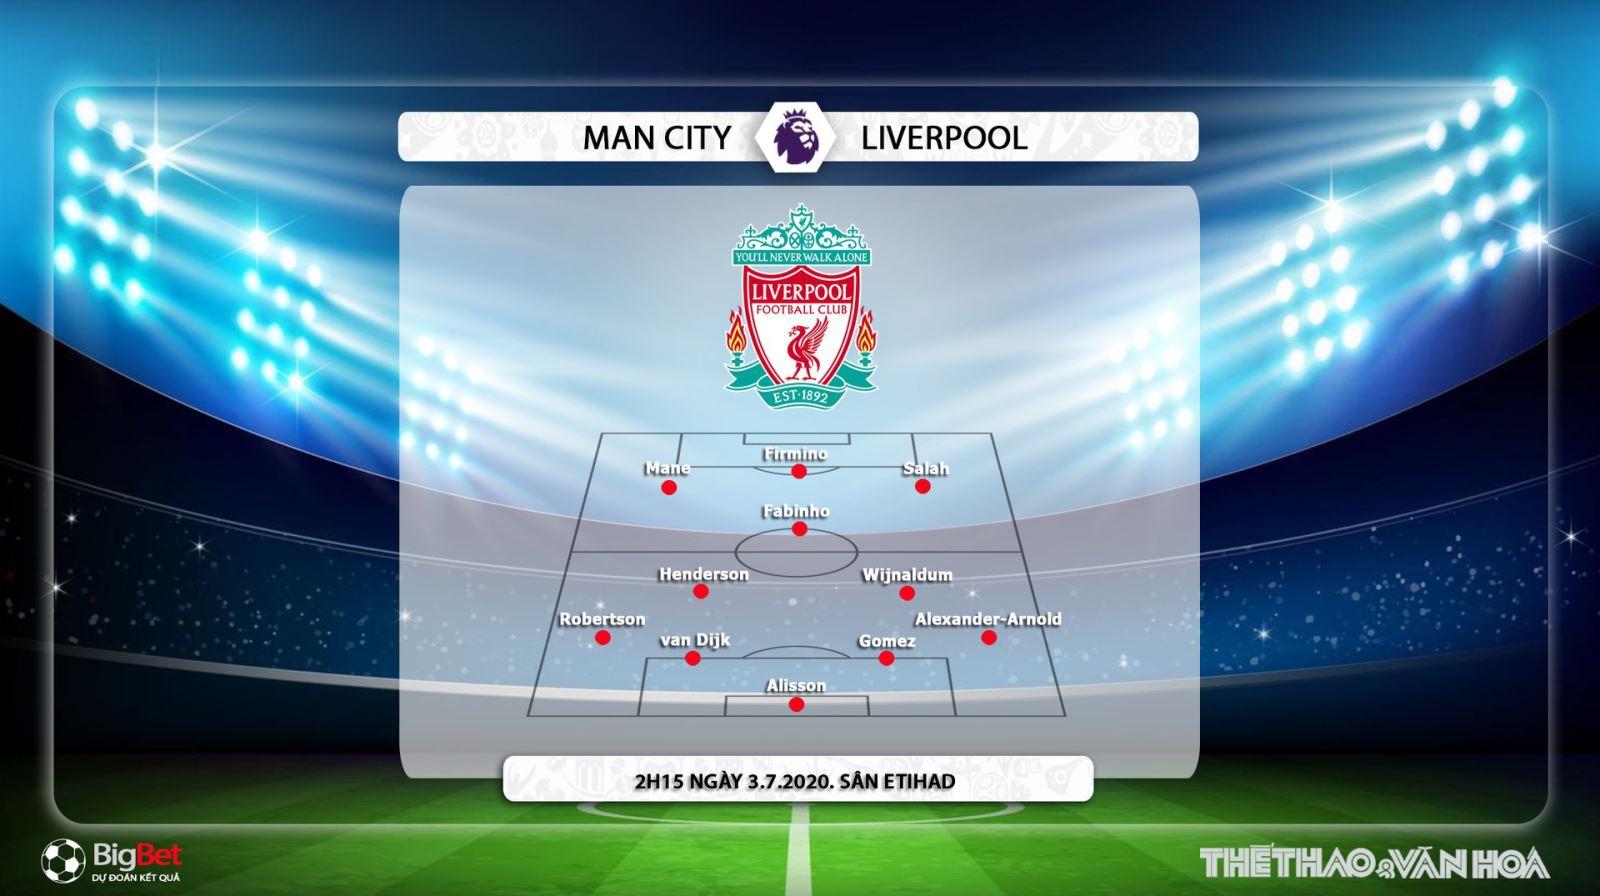 Man City vs Liverpool, soi kèo Man City vs Liverpool, nhận định Man City vs Liverpool, trực tiếp Man City vs Liverpool, Man City, Liverpool, soi kèo, kèo bóng đá